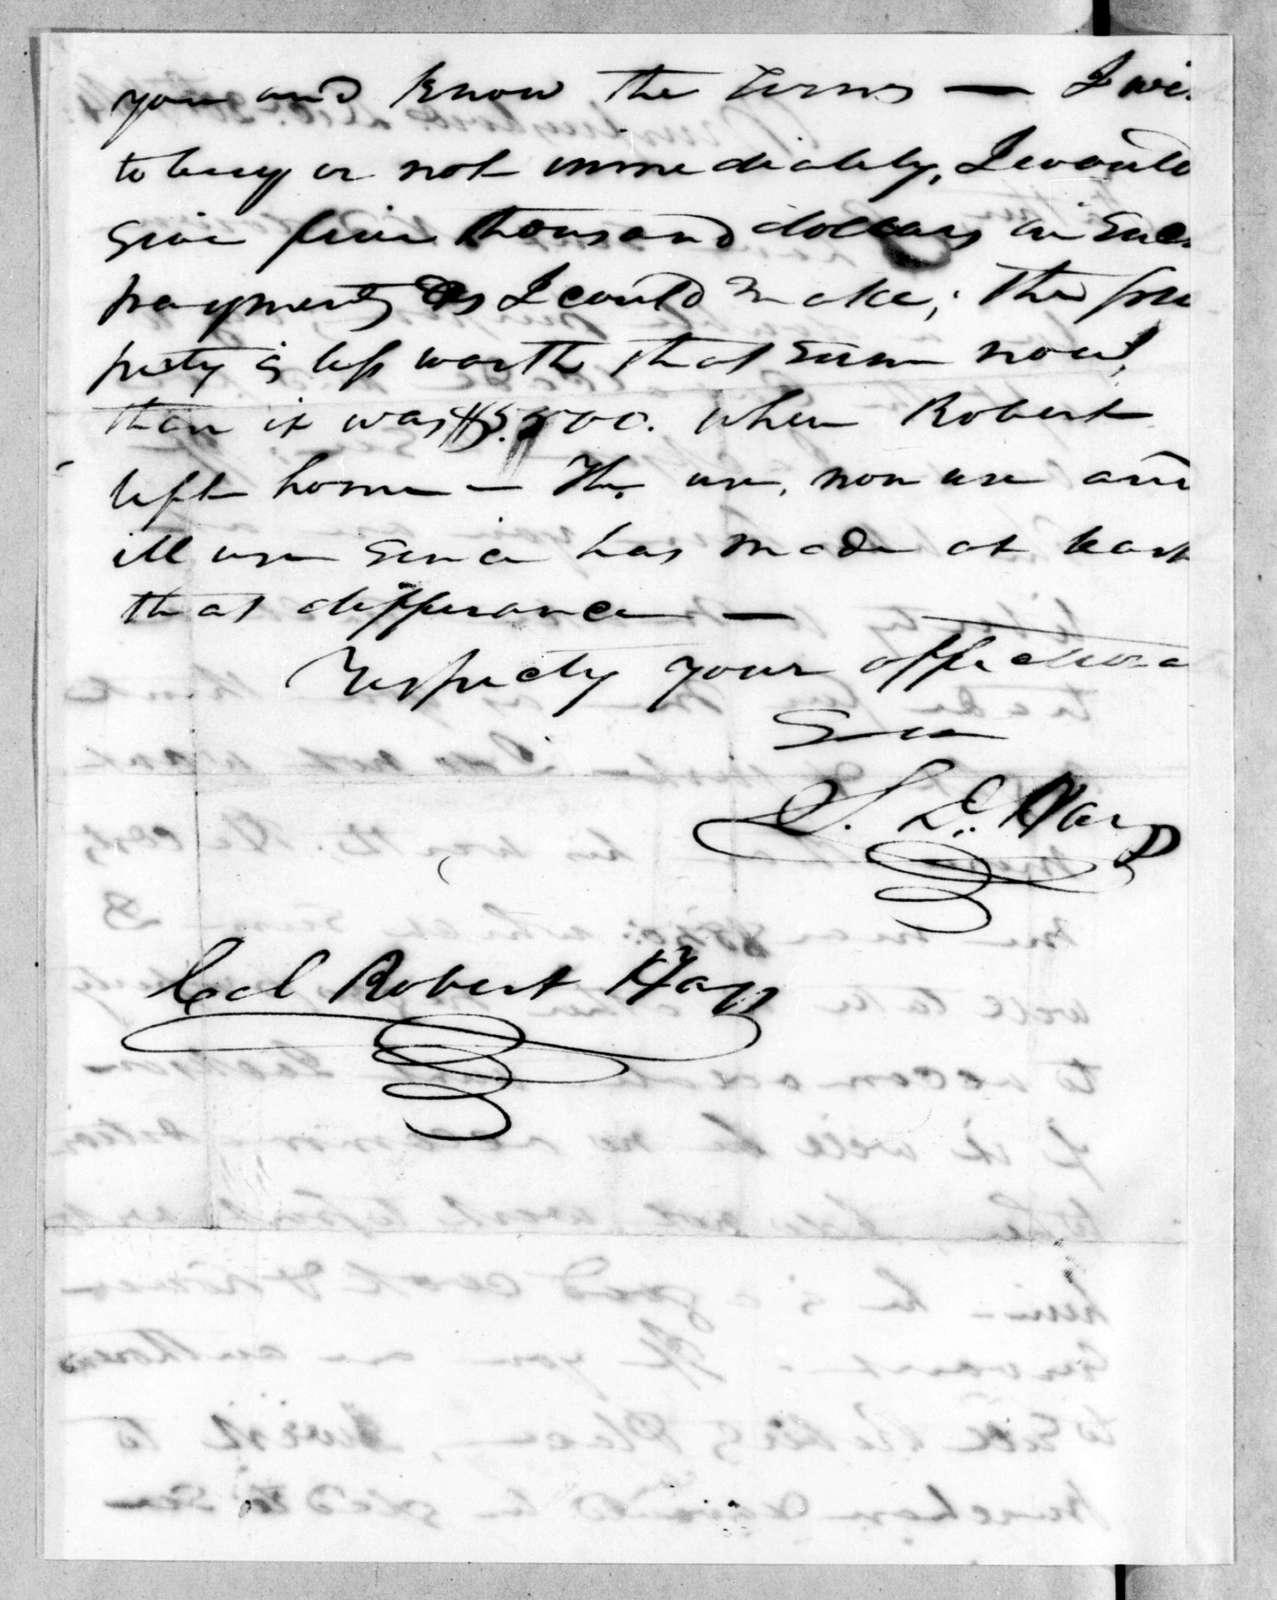 Stockley Donelson Hays to Robert Hays, December 20, 1814